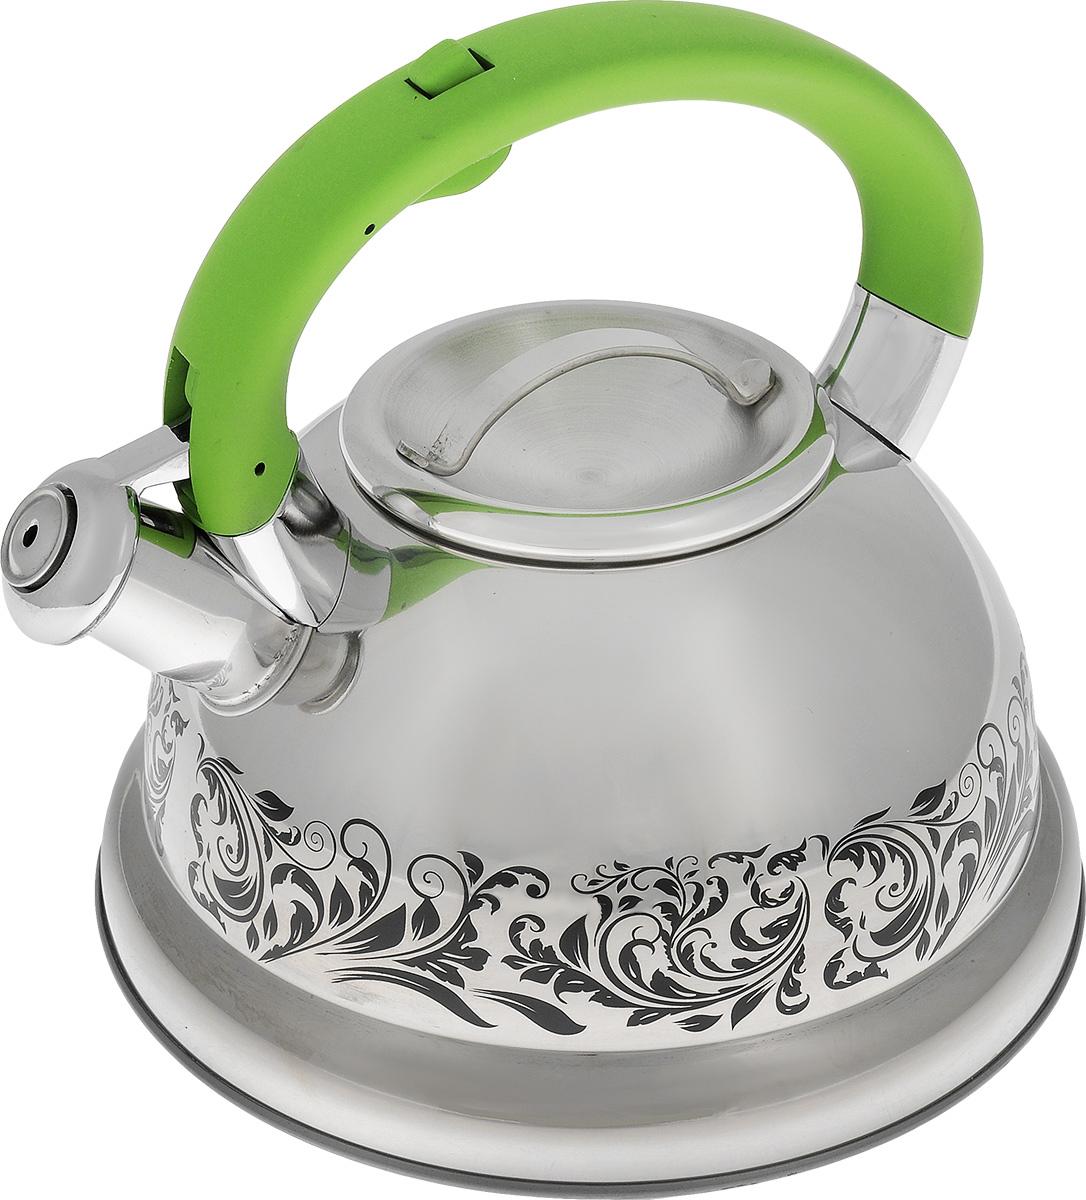 Чайник Mayer & Boch, со свистком, цвет: стальной, зеленый, 2,6 л. 2341523415Чайник Mayer & Boch выполнен из высококачественной нержавеющей стали, что обеспечивает долговечность использования. Изделие оформлено изящным рисунком, который одновременно является и индикатором цвета - при нагревании рисунок на корпусе меняет цвет. Ручка с силиконовой накладкой делает использование чайника очень удобным и безопасным. Чайник снабжен свистком и кнопкой для открывания носика. Пригоден для использования на газовых, электрических, индукционных плитах. Можно мыть в посудомоечной машине. Высота стенок чайника: 11 см. Общая высота чайника: 20,5 см.